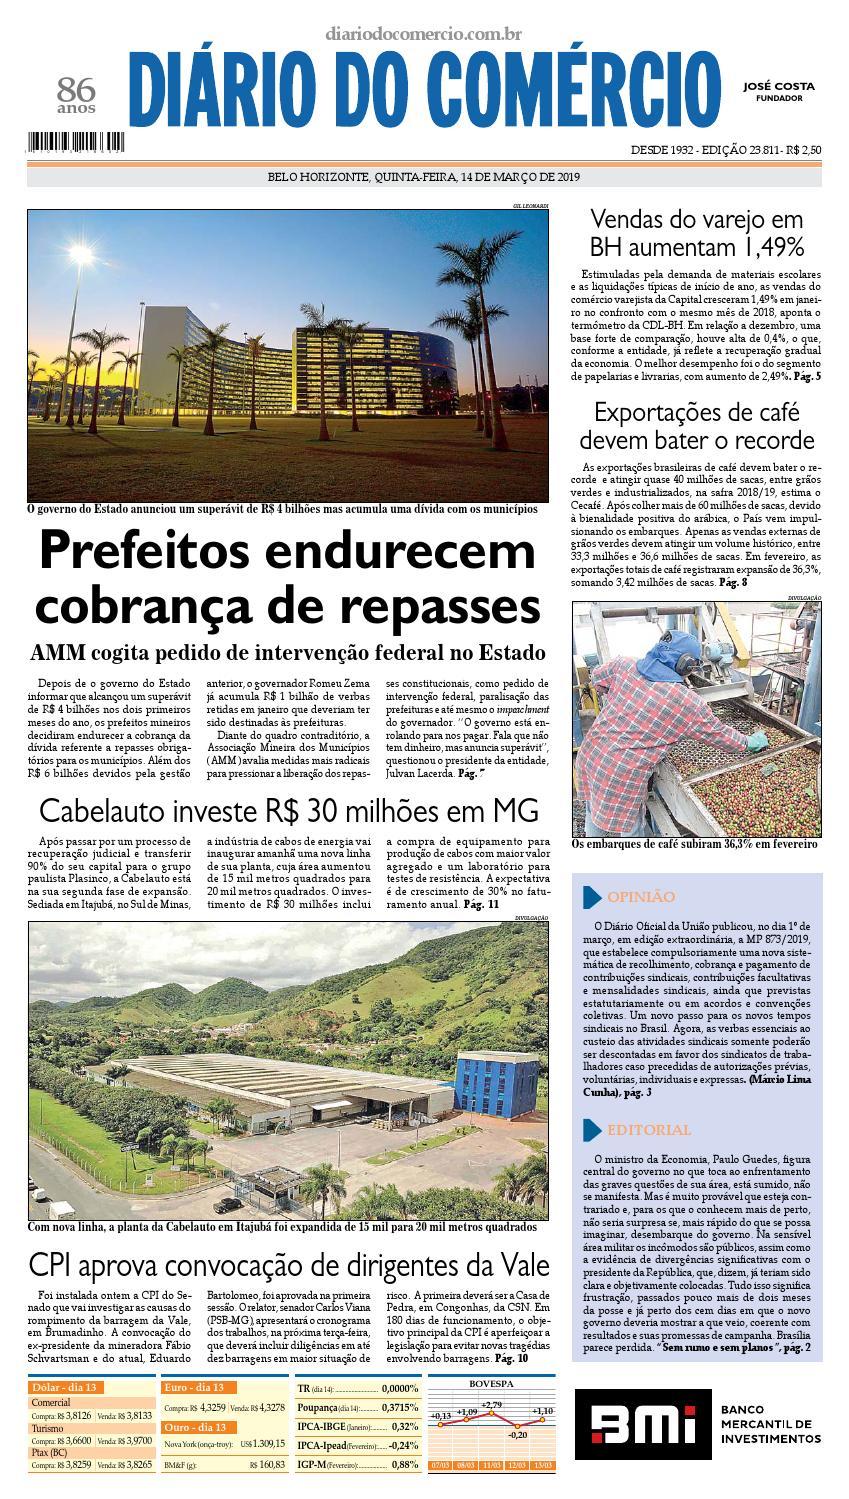 1af7f7658 23811 by Diário do Comércio - Belo Horizonte - issuu